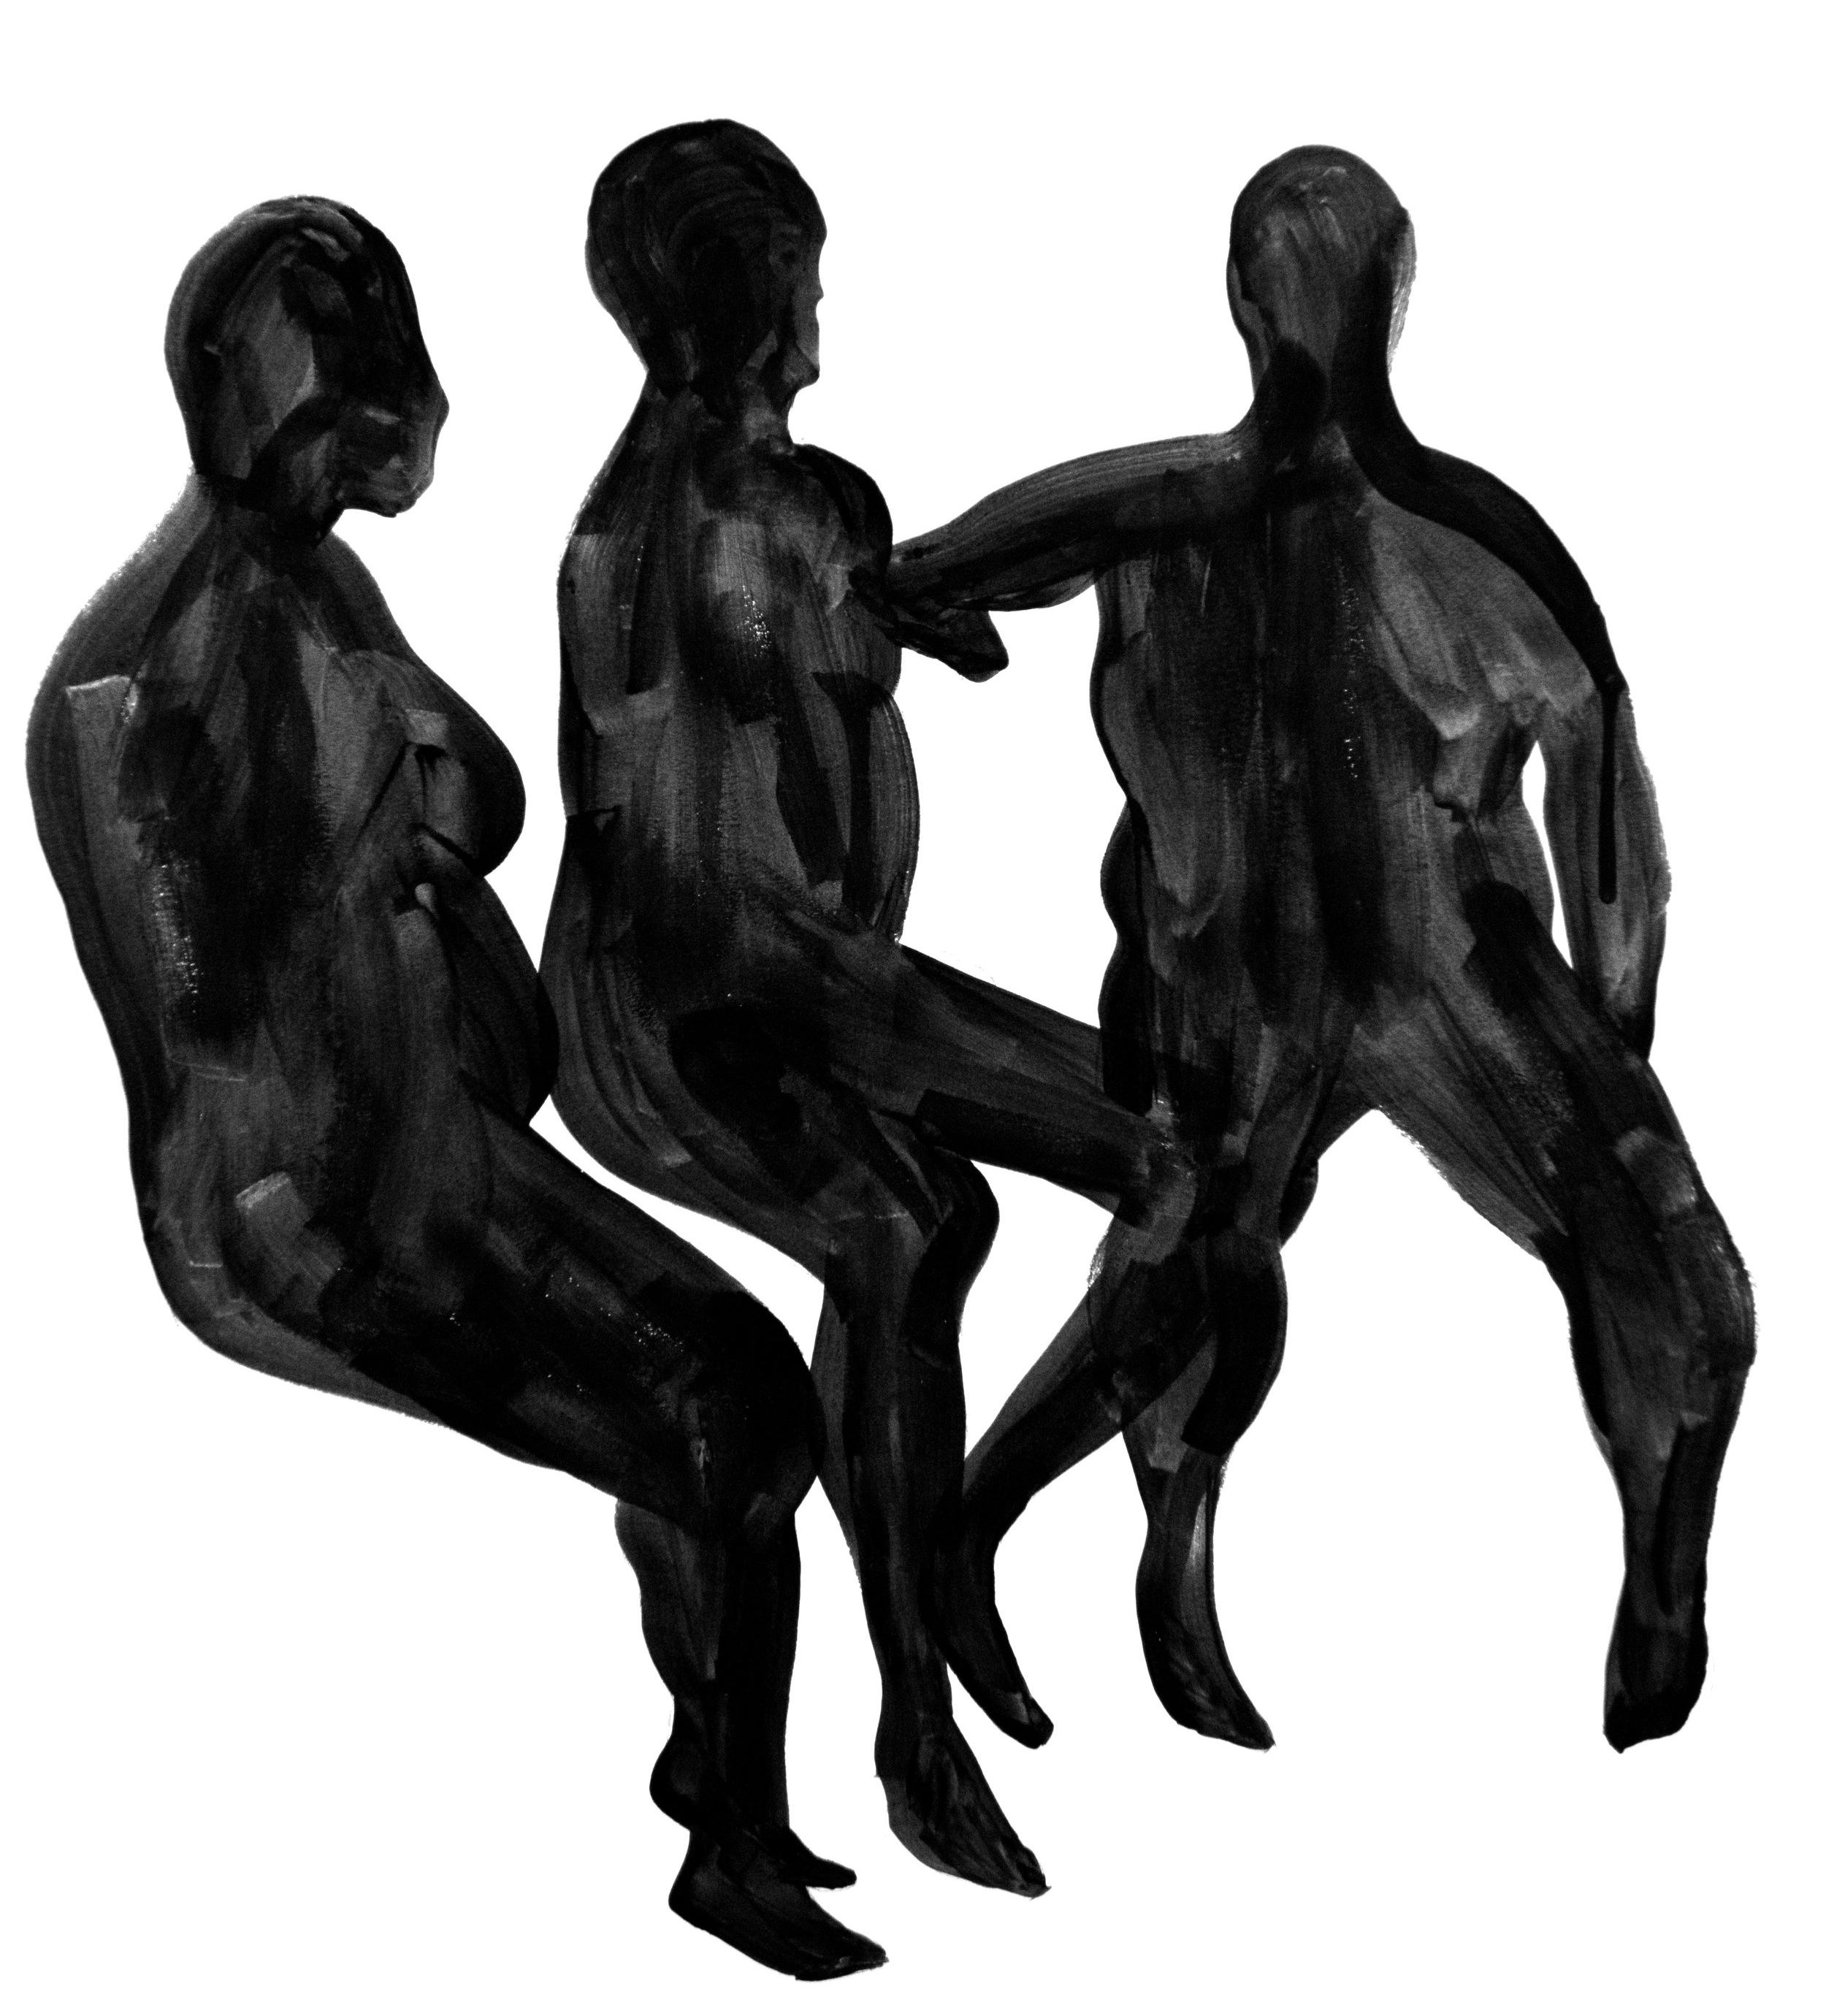 shadow_people_3.jpg